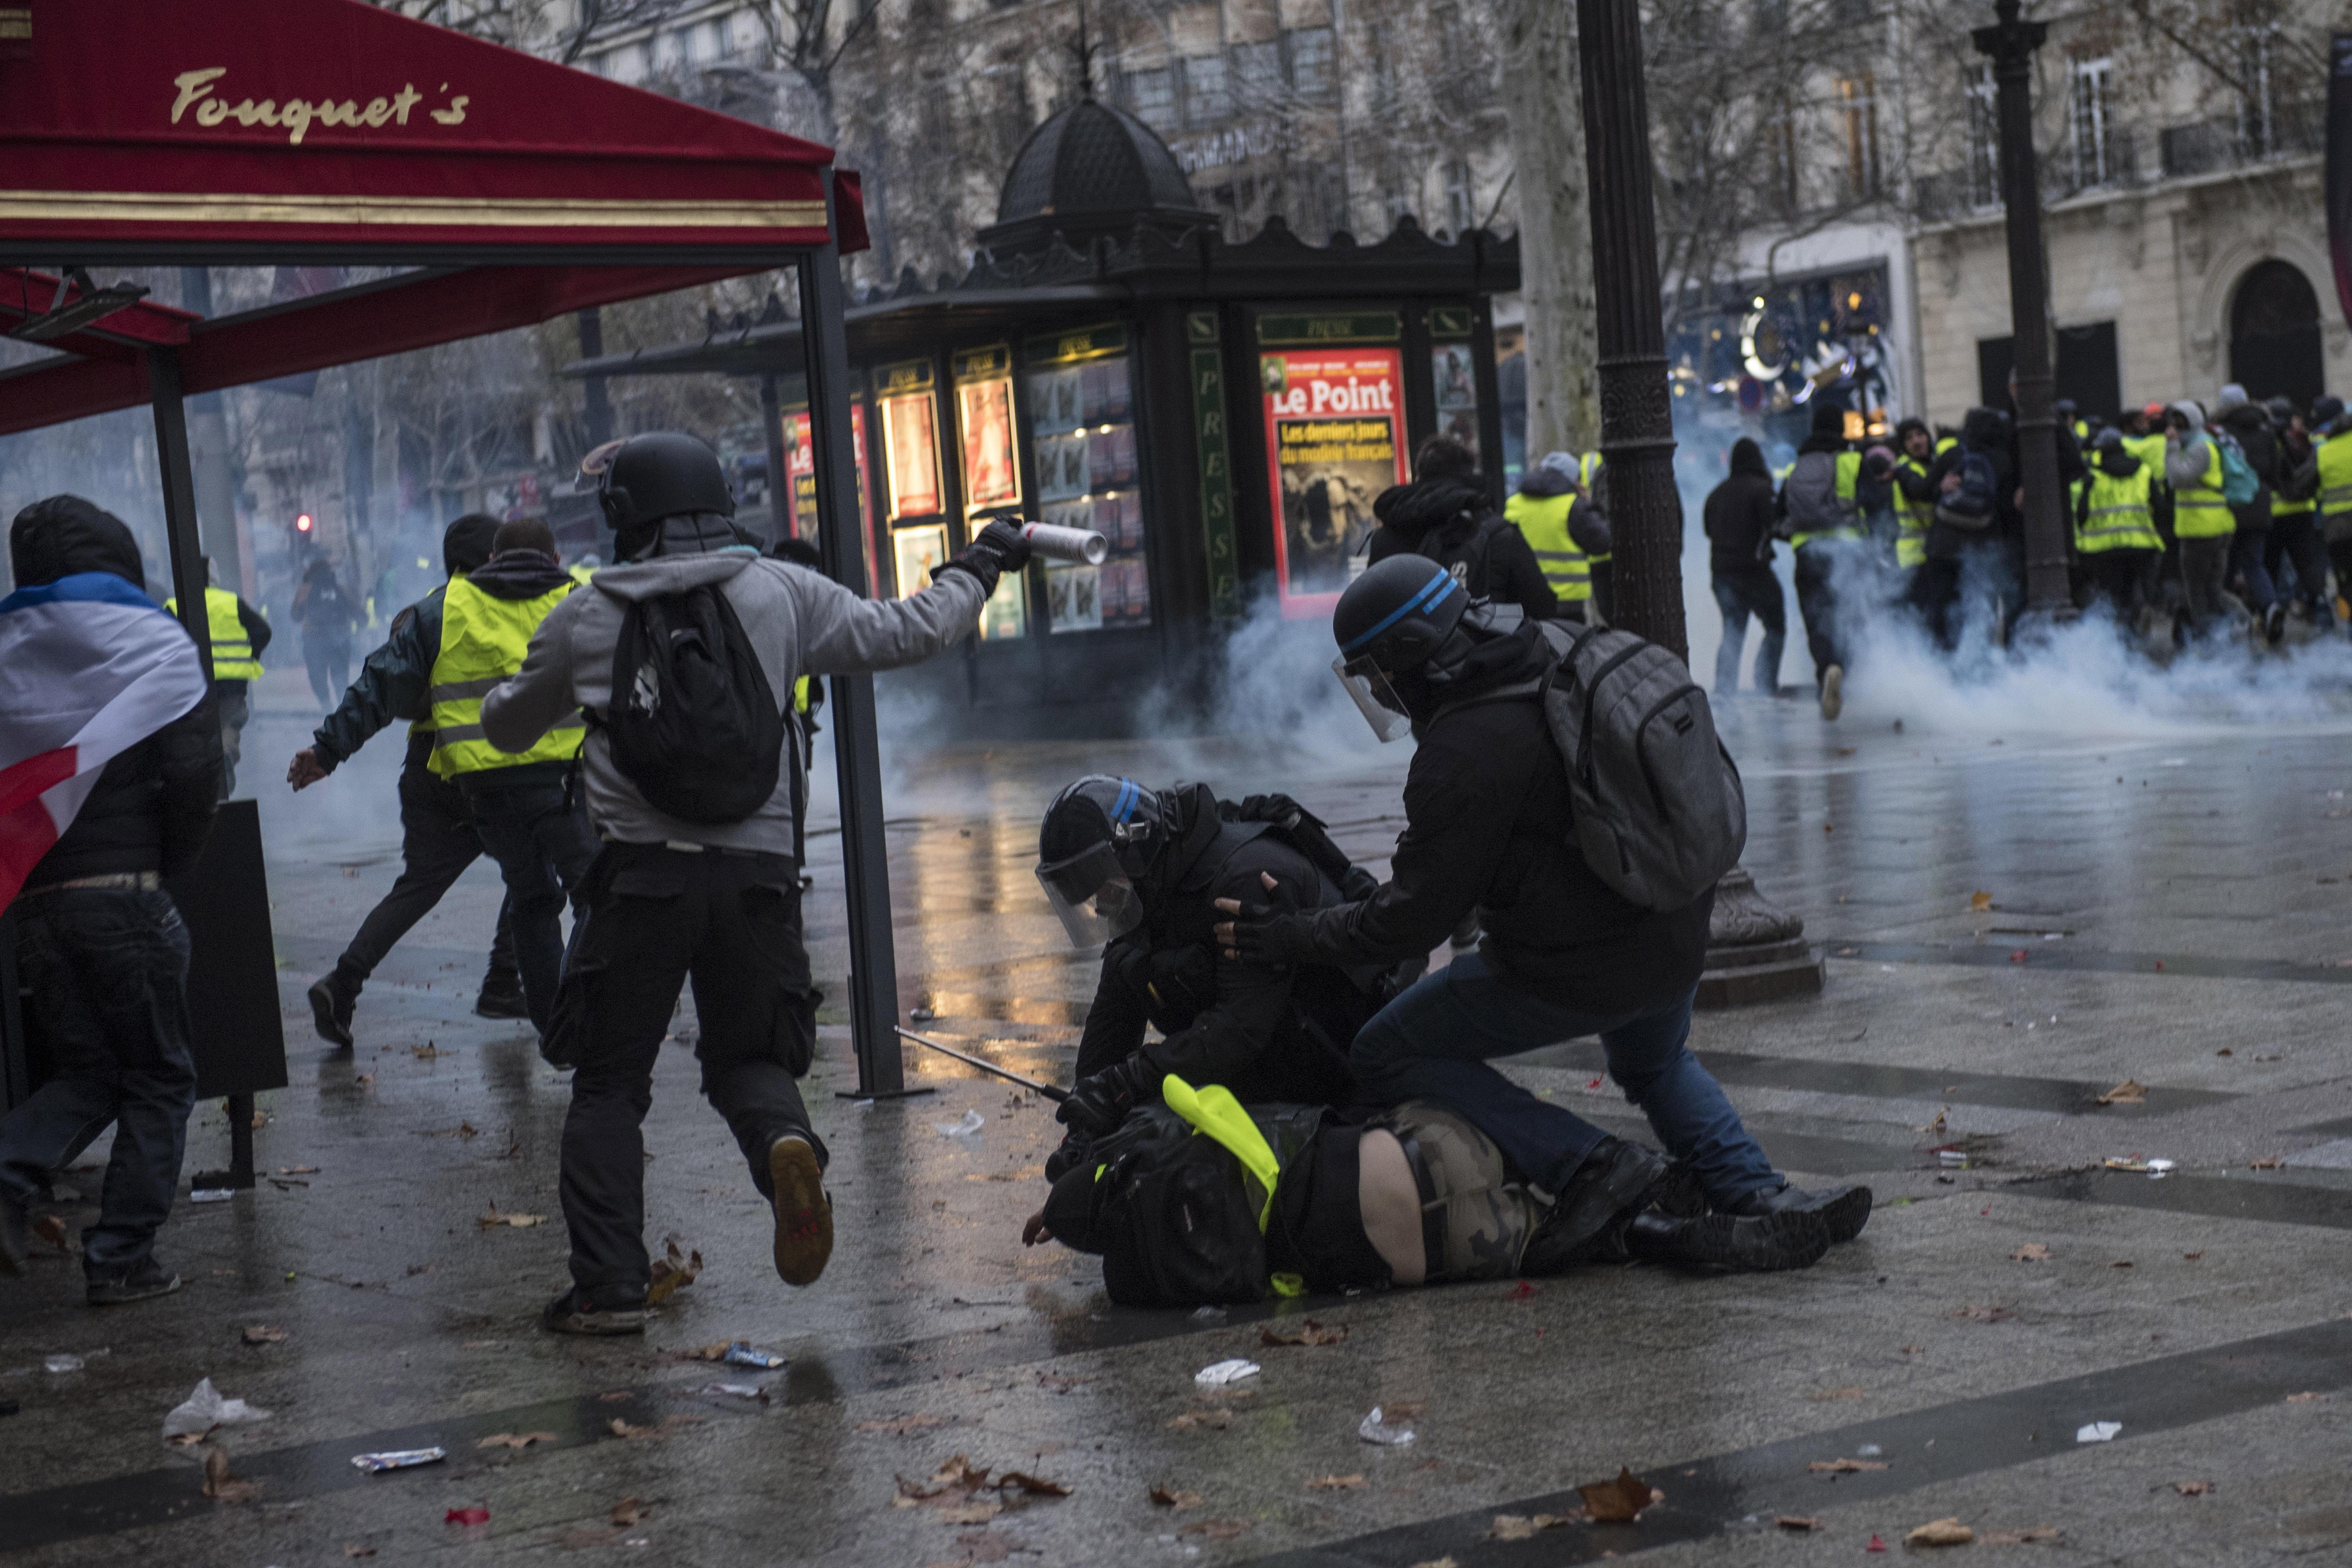 La policía arresta a un manifestante.(EFE/EPA/JULIEN DE ROSA)